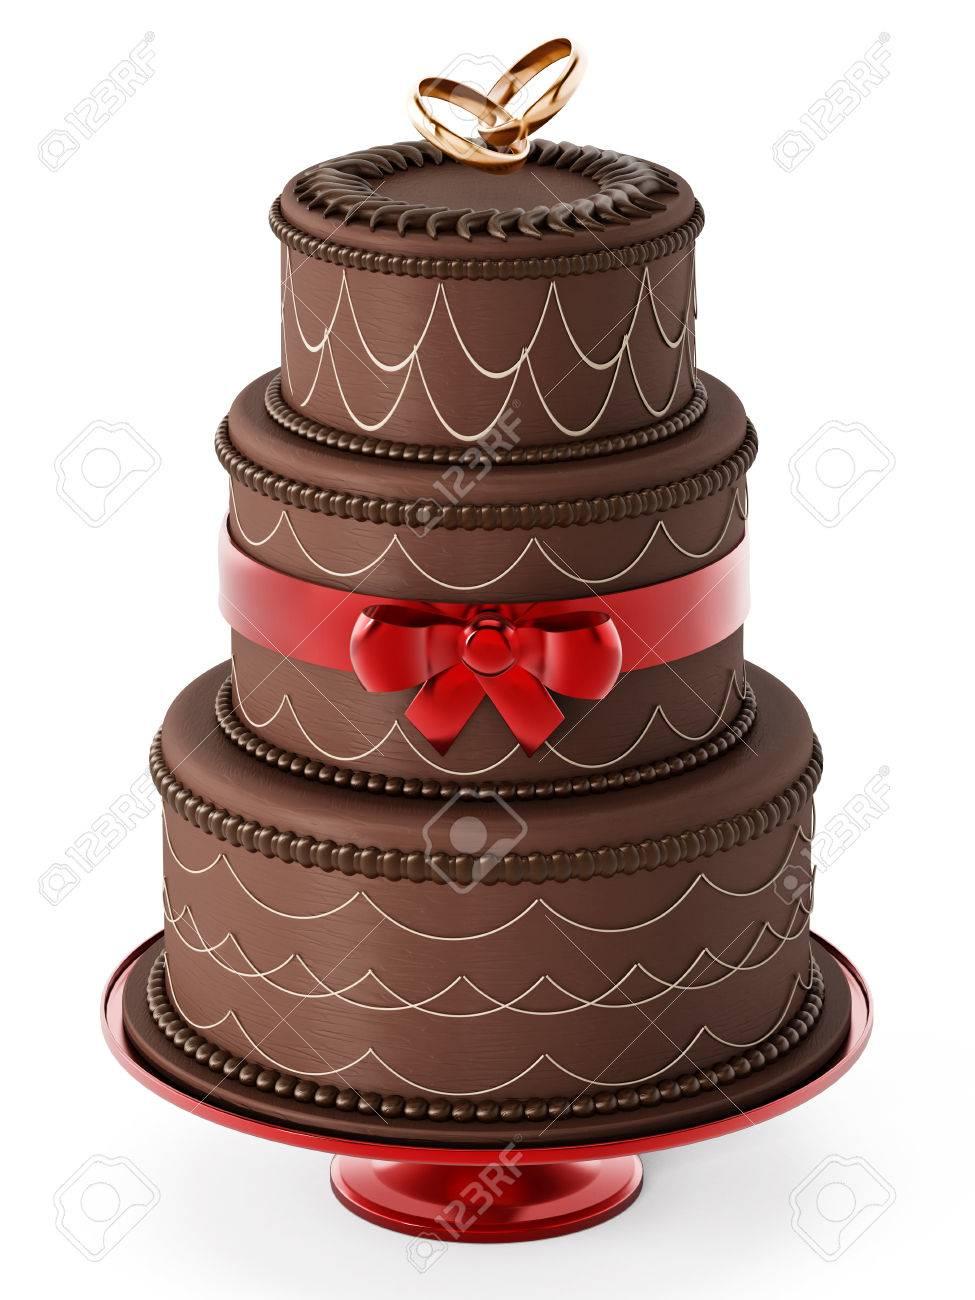 Gâteau De Mariage Au Chocolat Isolé Sur Fond Blanc Illustration 3d